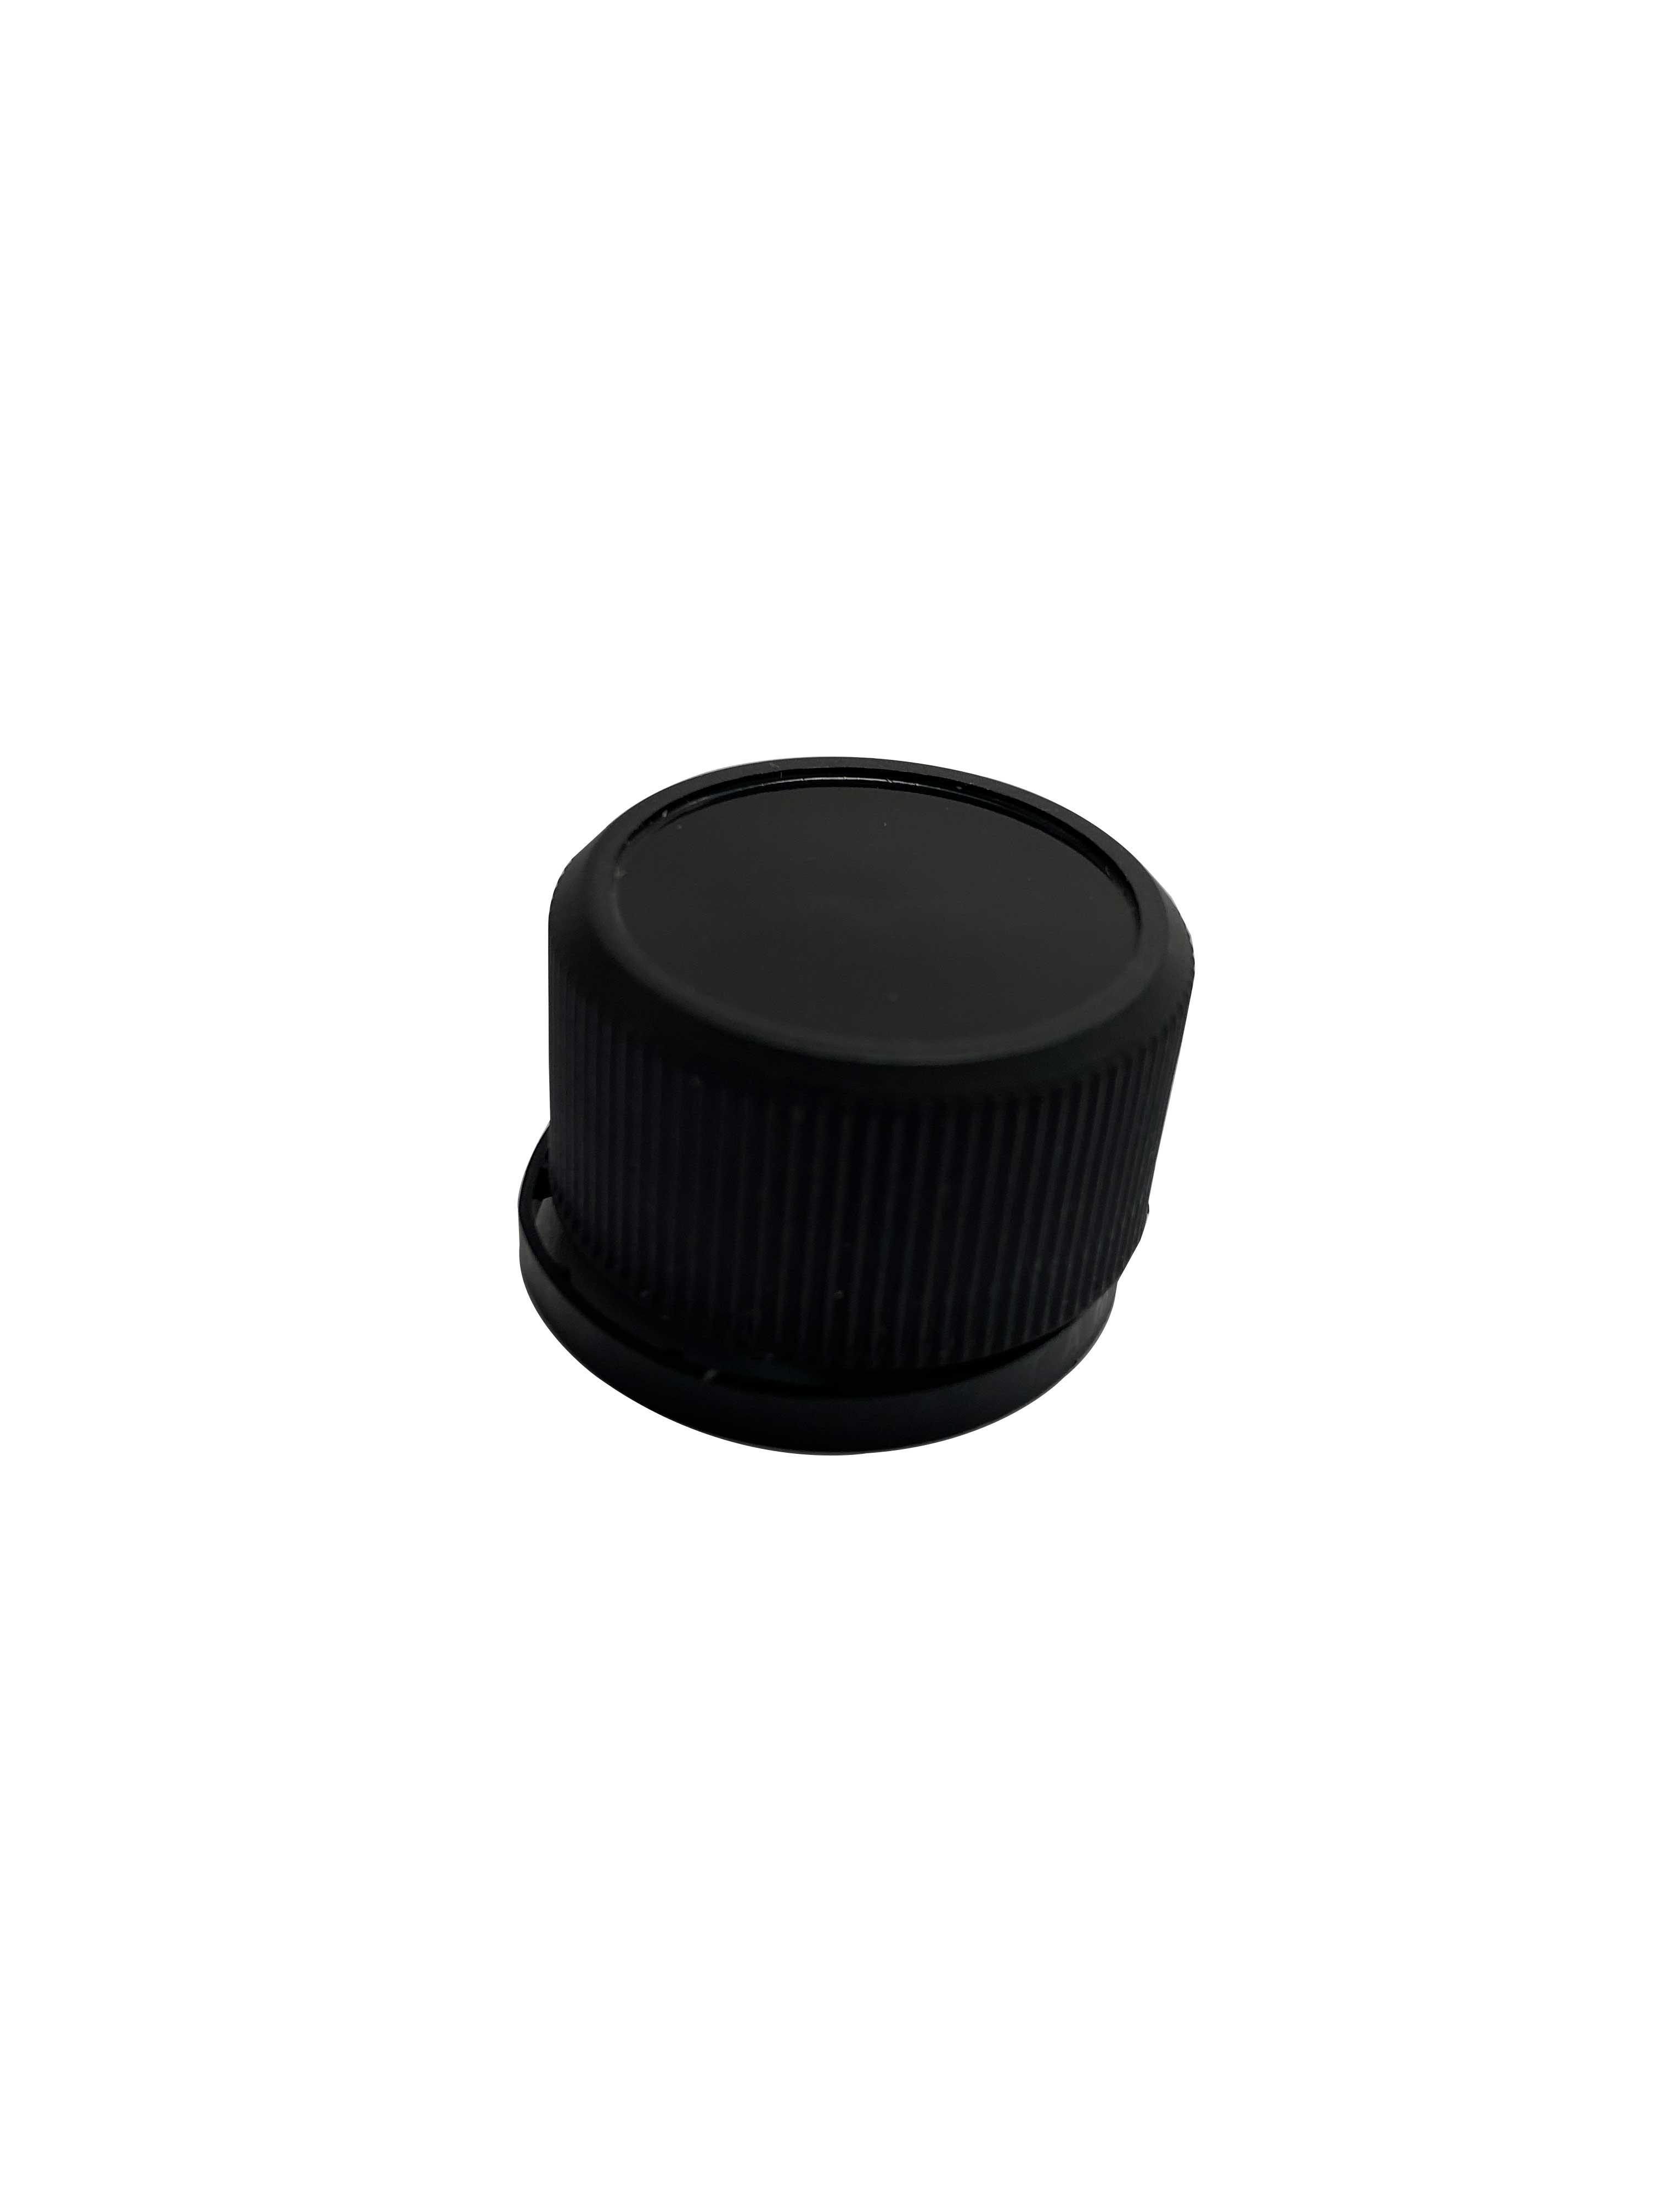 Tamper-evident CPR closure 29.4 mm, PP/PP, black with natural pourer (for oils)